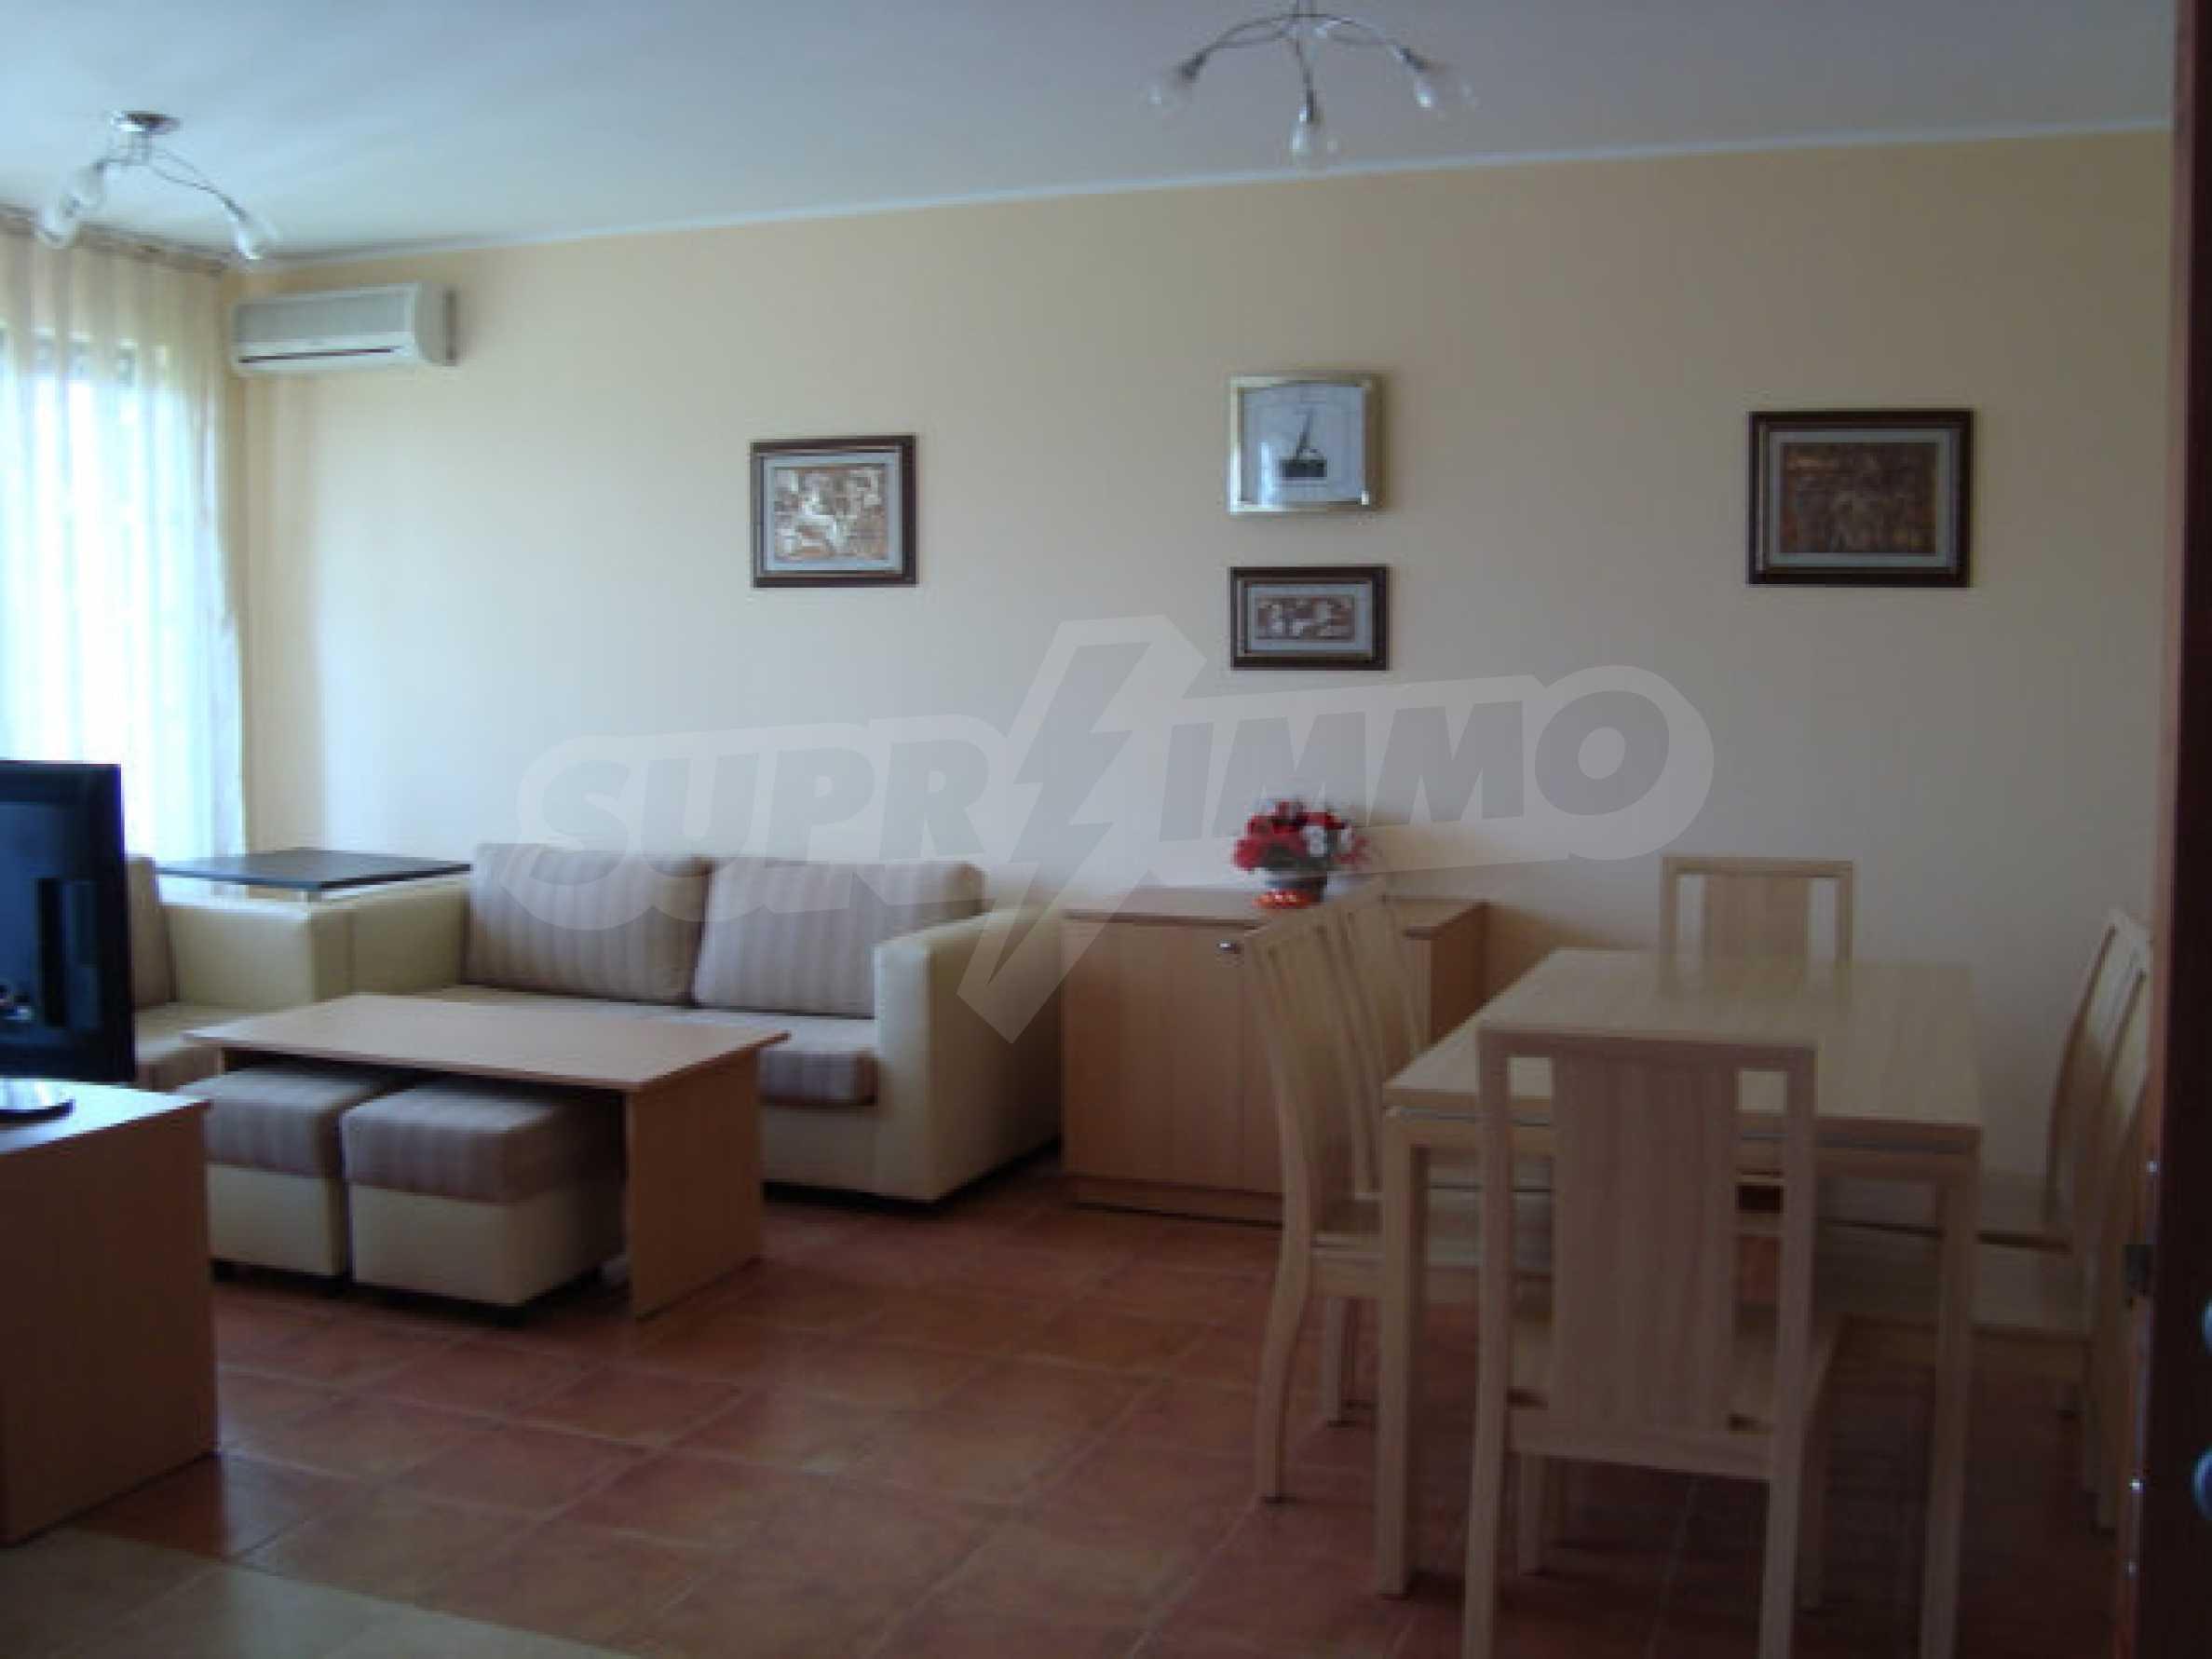 Zwei-Zimmer-Wohnung in Saint Nicholas Komplex in Chernomorets 7